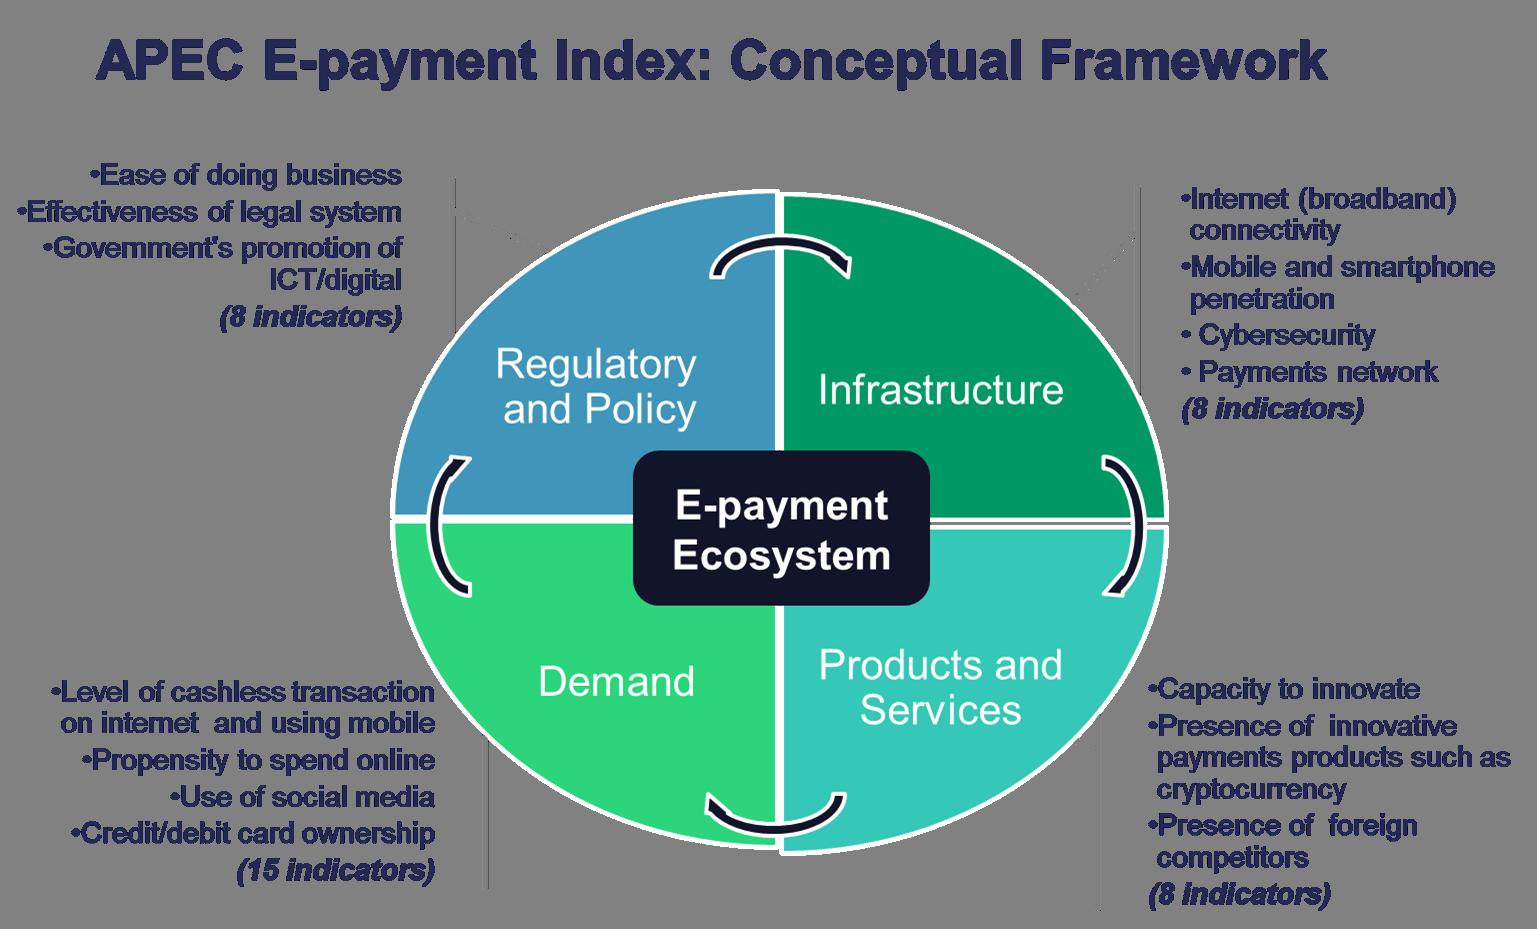 APEC E-payment Index Conceptual Framework